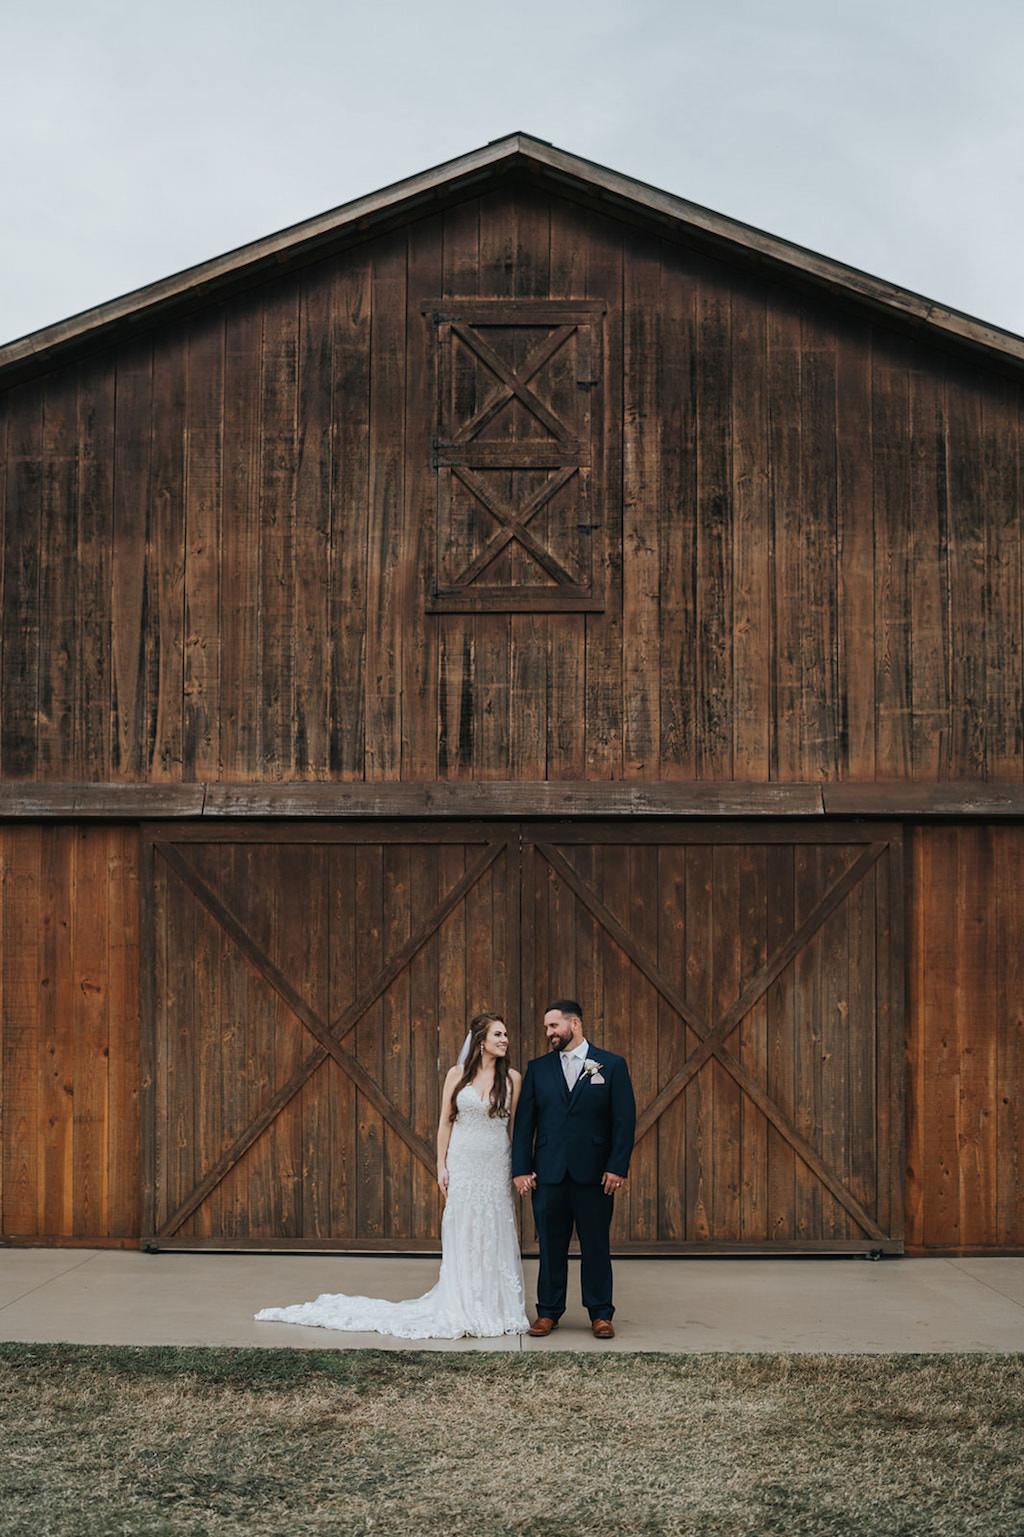 Florida Bride and Groom Outdoor Barn Wedding Portrait   Tampa Rustic Wedding Venue Rafter J Ranch